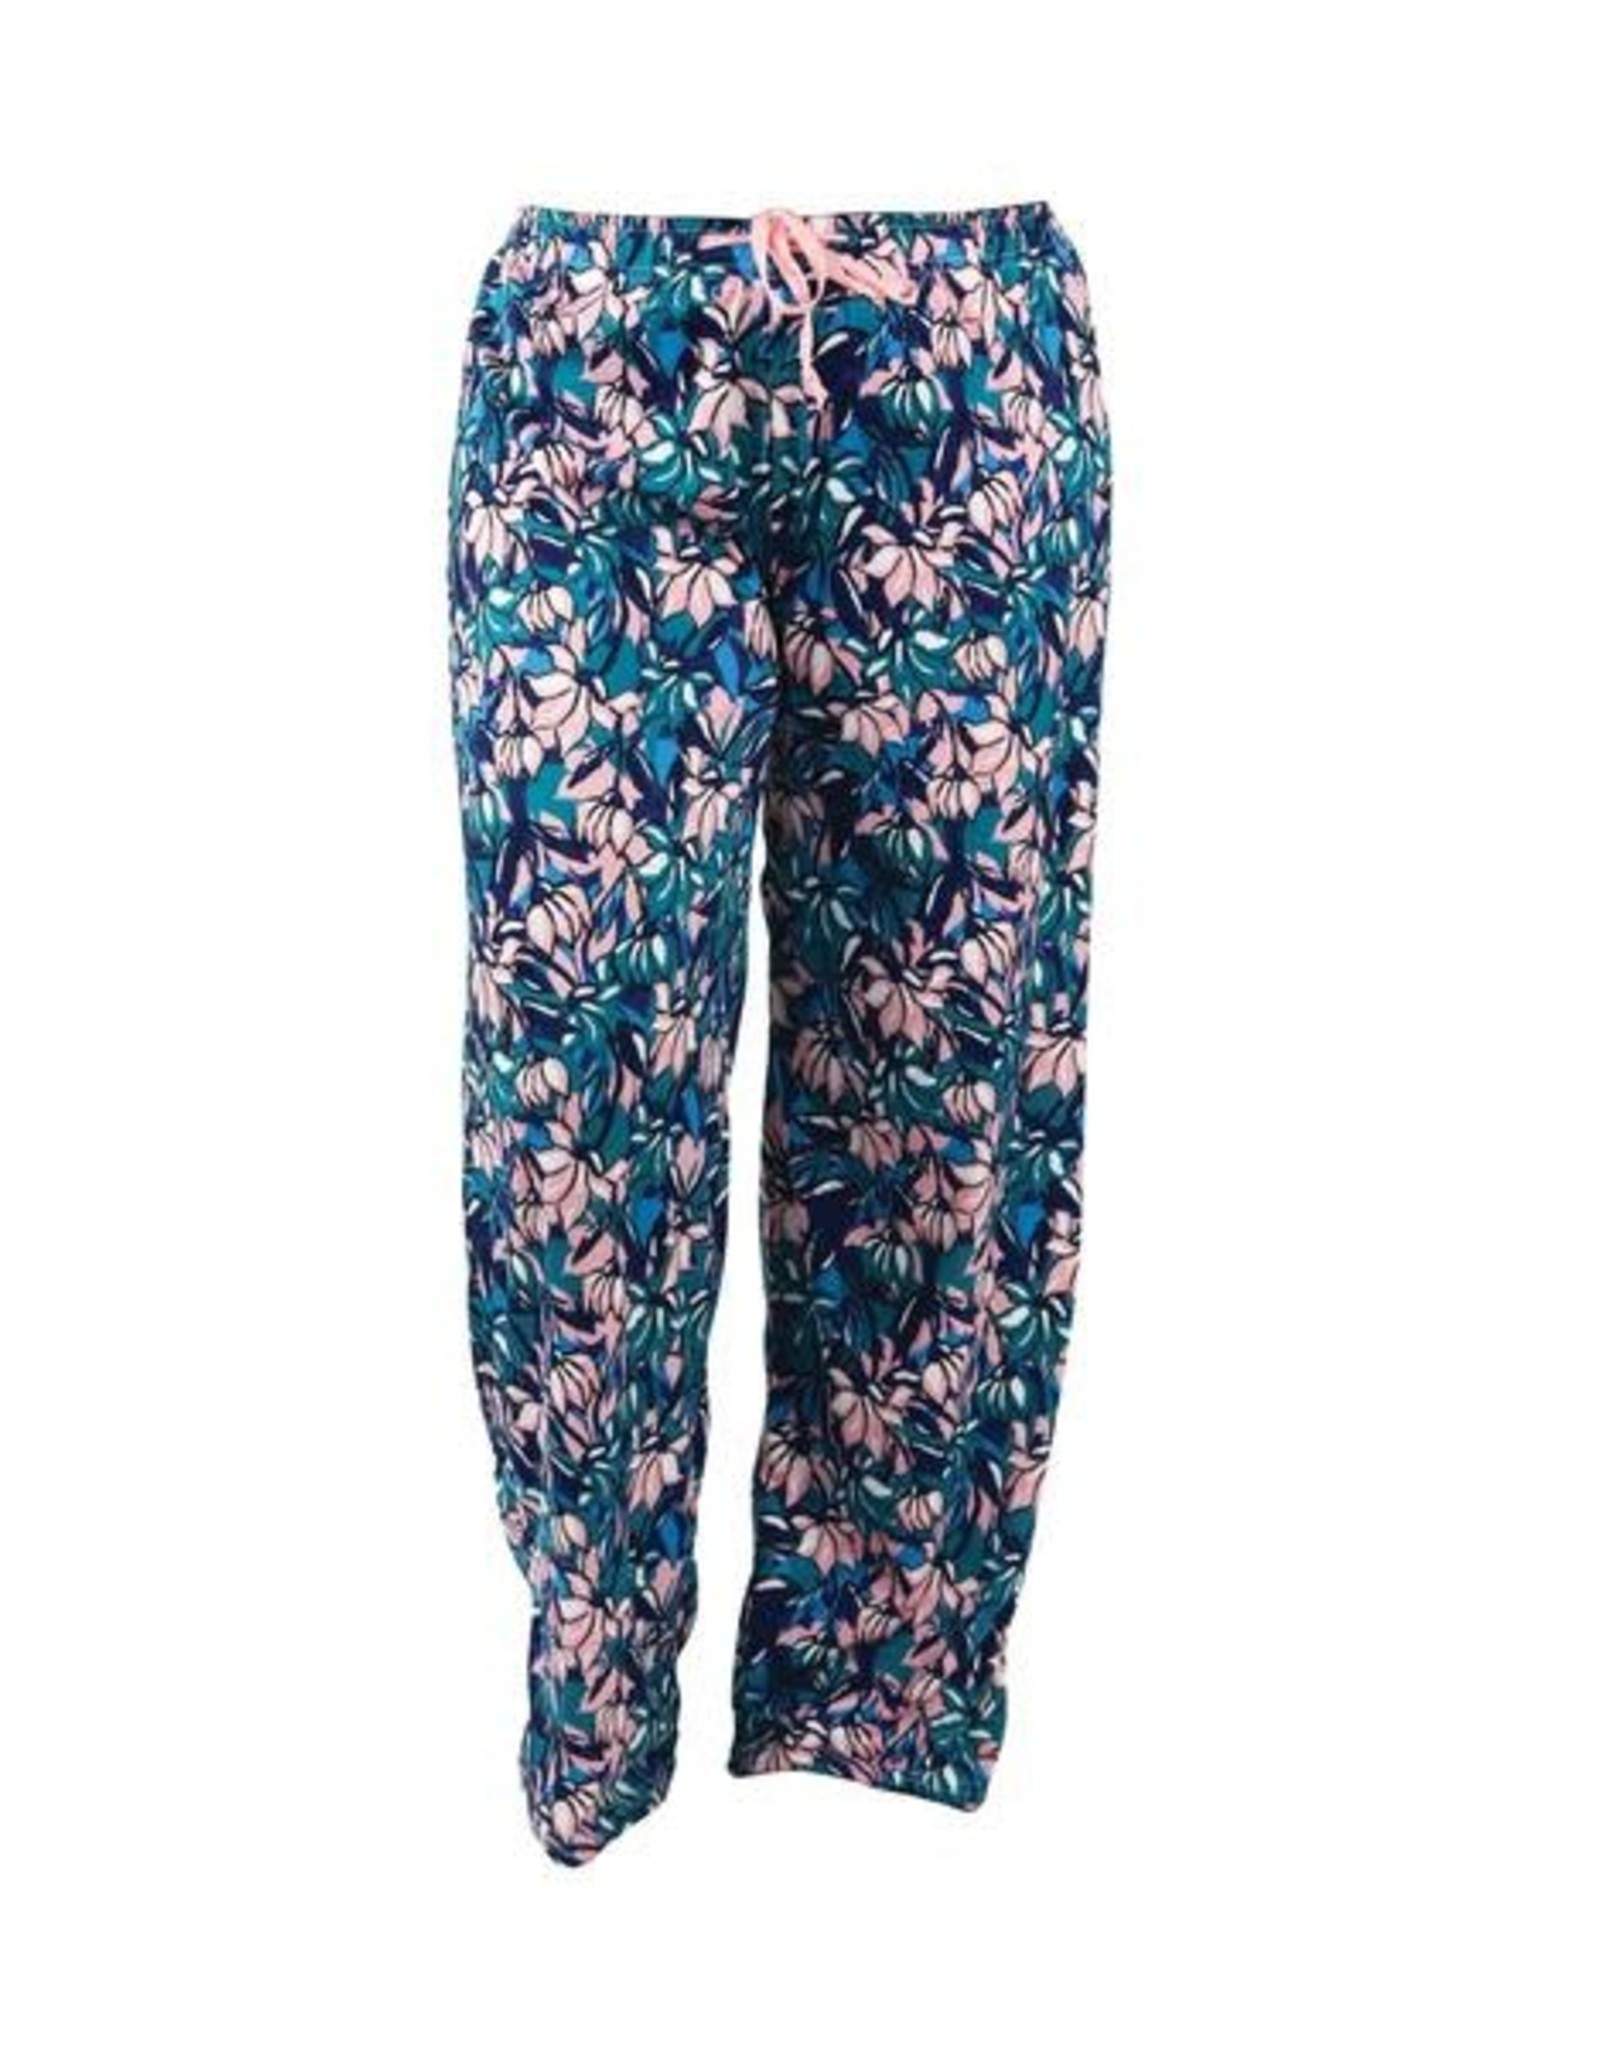 Lounge Pants - Sunday Funday, Large/XLarge